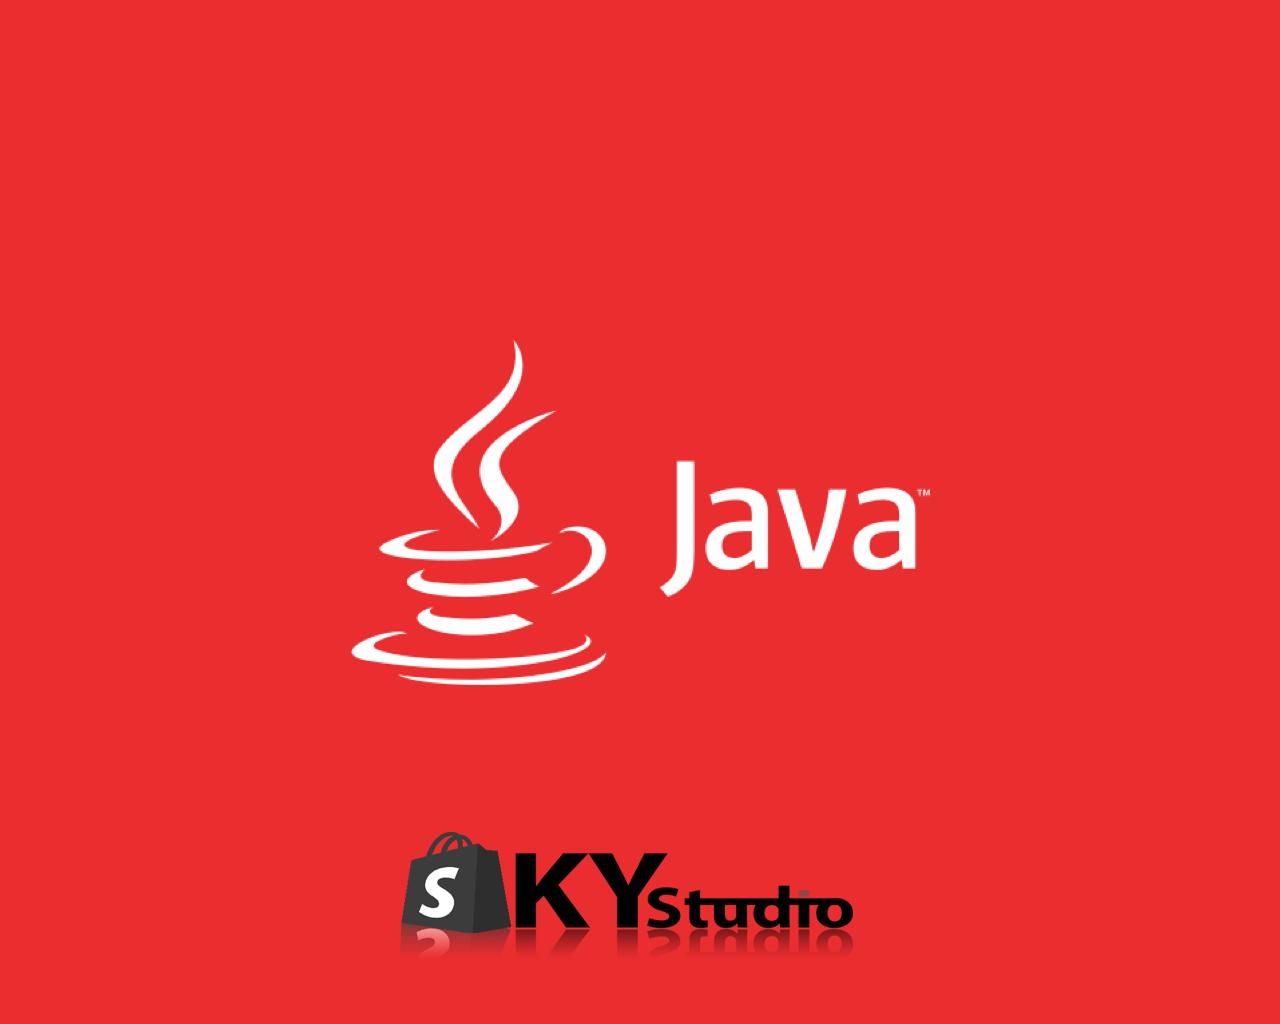 آموزش زبان برنامه نویسی جاوا در کوتاه ترین مدت